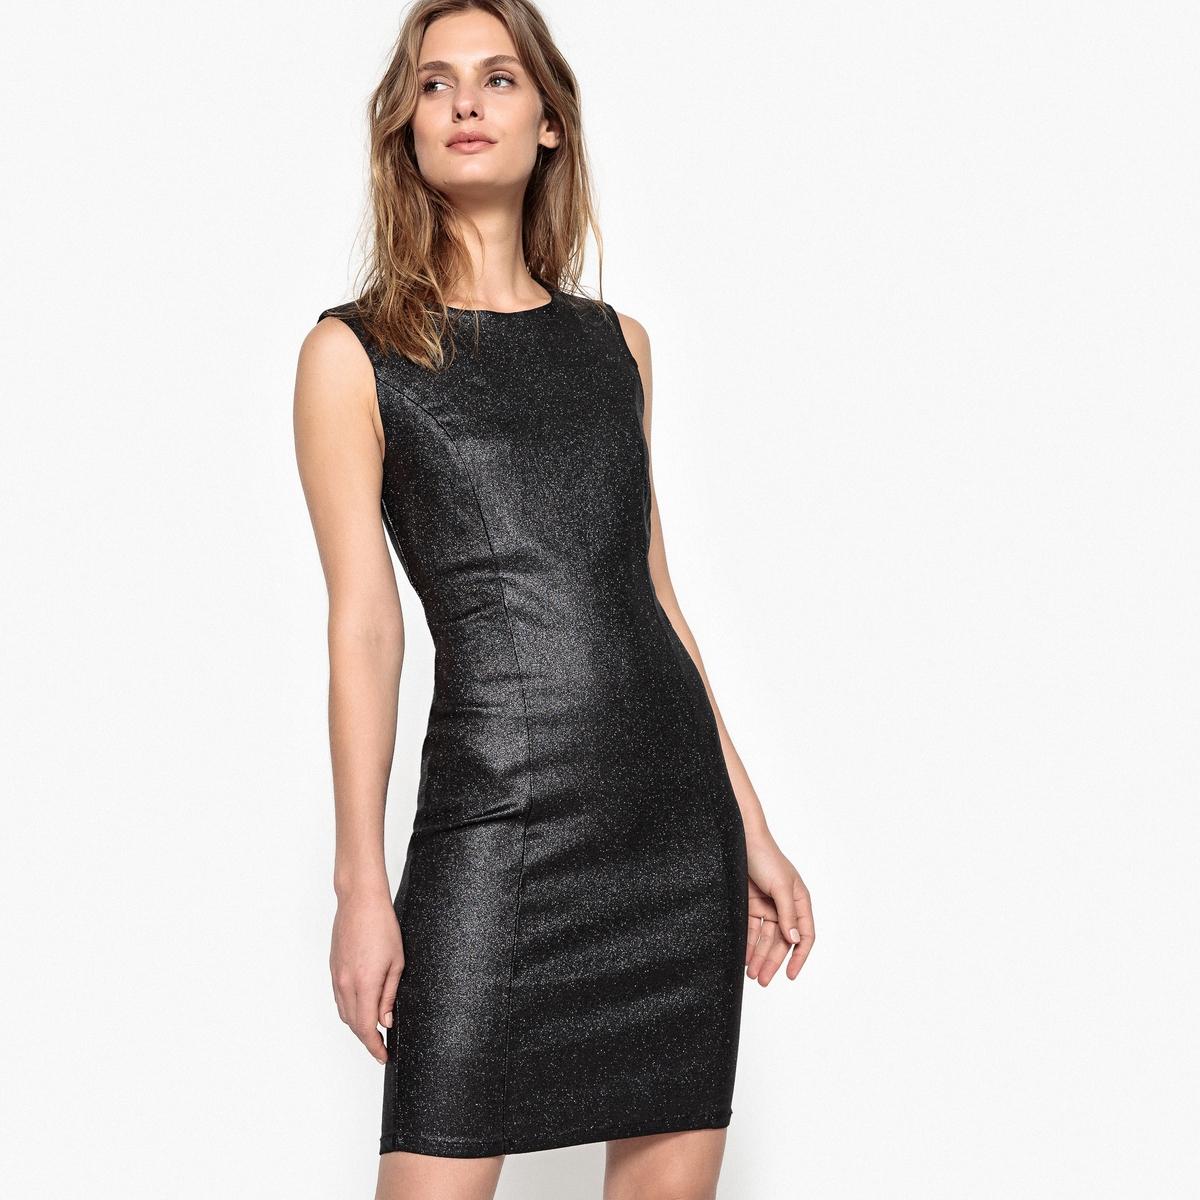 Платье однотонное прямого покроя без рукавов, длина миди, 3/4Детали •  Форма : прямая •  Длина миди, 3/4 •  Без рукавов     •   V-образный вырезСостав и уход •  76% вискозы, 3% эластана, 21% полиамида •  Следуйте советам по уходу, указанным на этикетке<br><br>Цвет: черный<br>Размер: S.L.XL